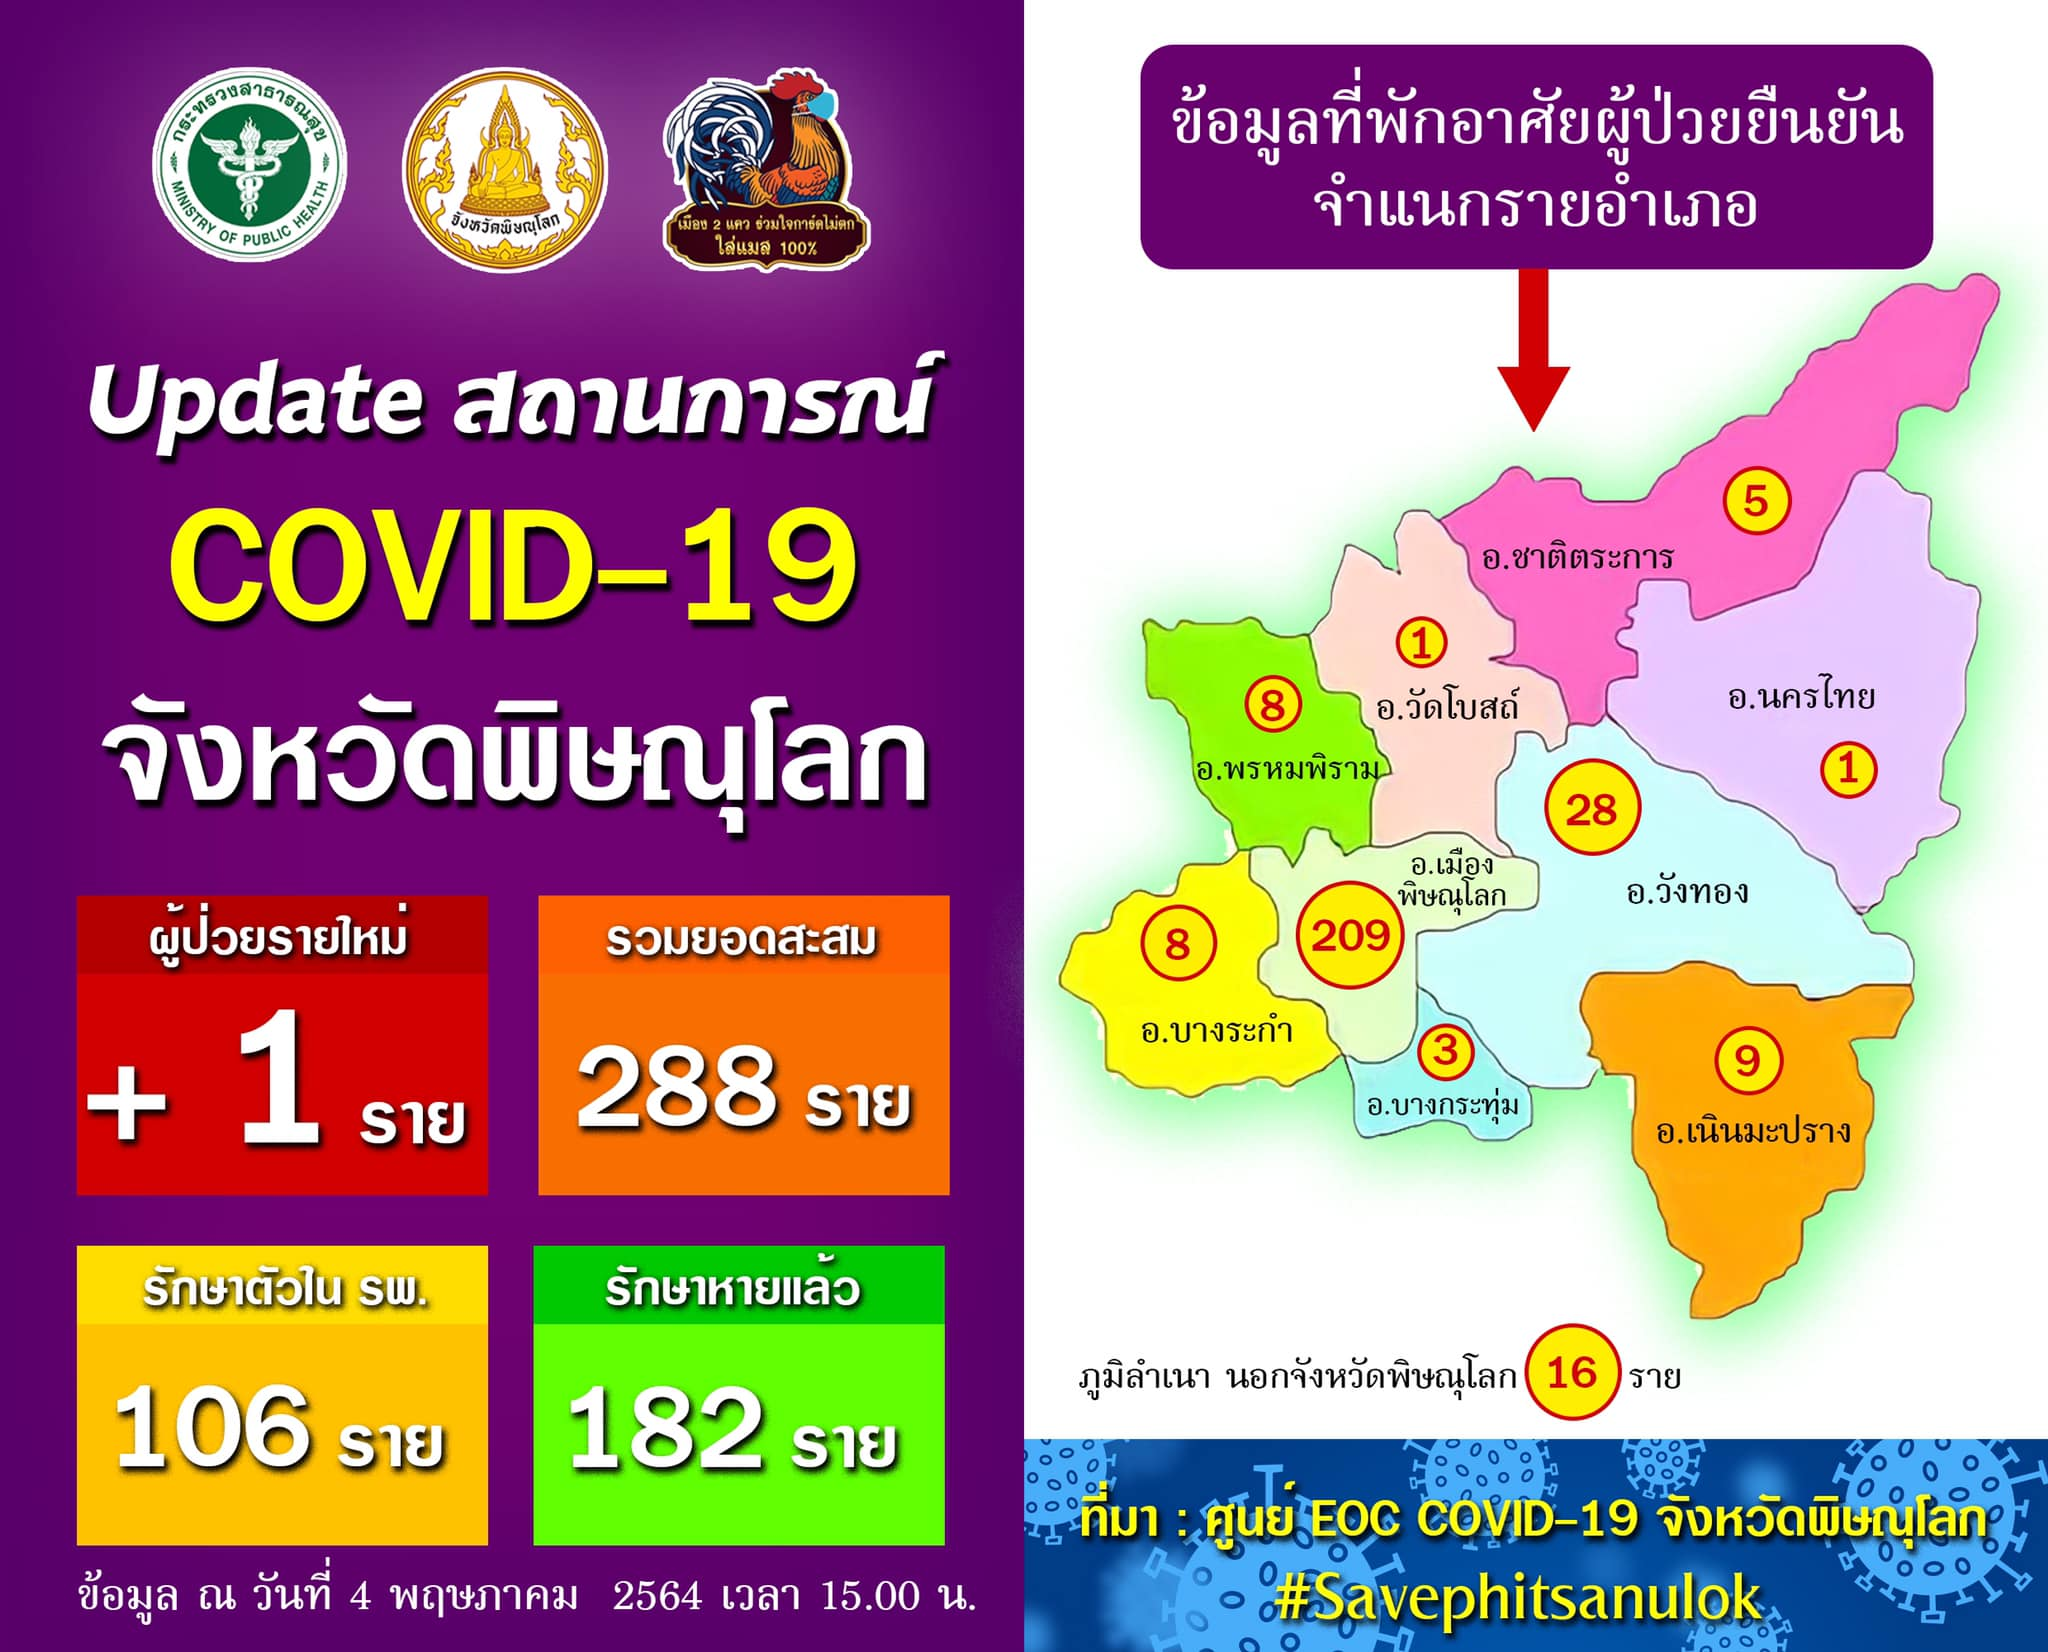 สถานการณ์โควิด-19 จังหวัดพิษณุโลก วันที่ 4 พฤษภาคม 2564